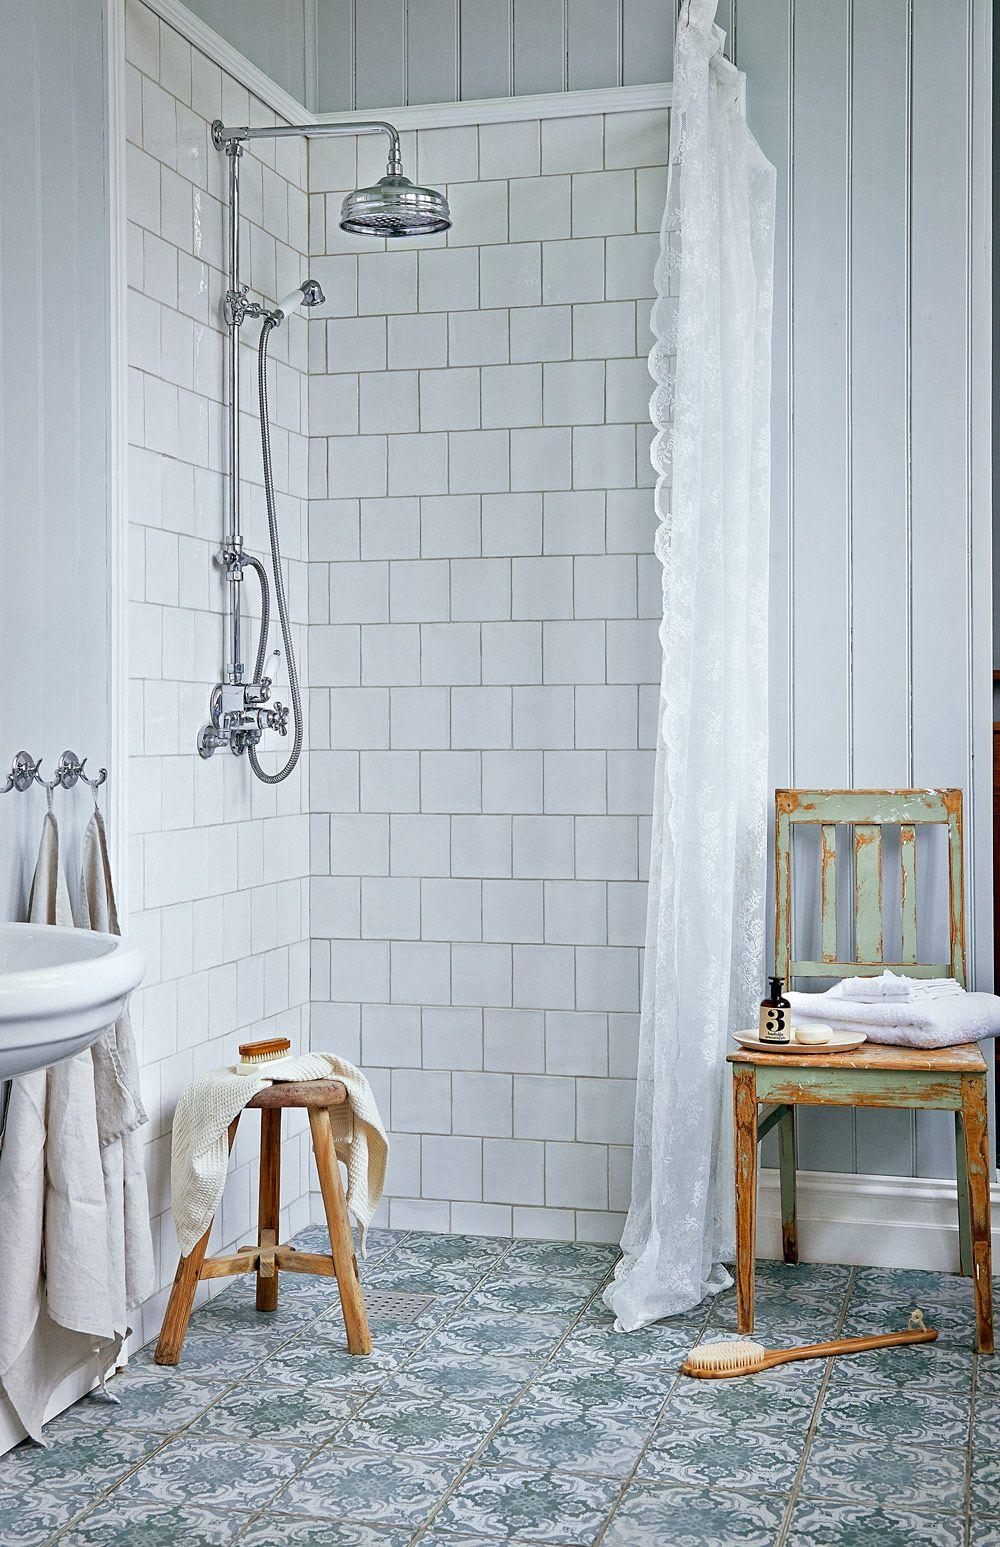 Fräscha Charmigt och romantiskt – det lantliga badrummet är en dröm WD-92